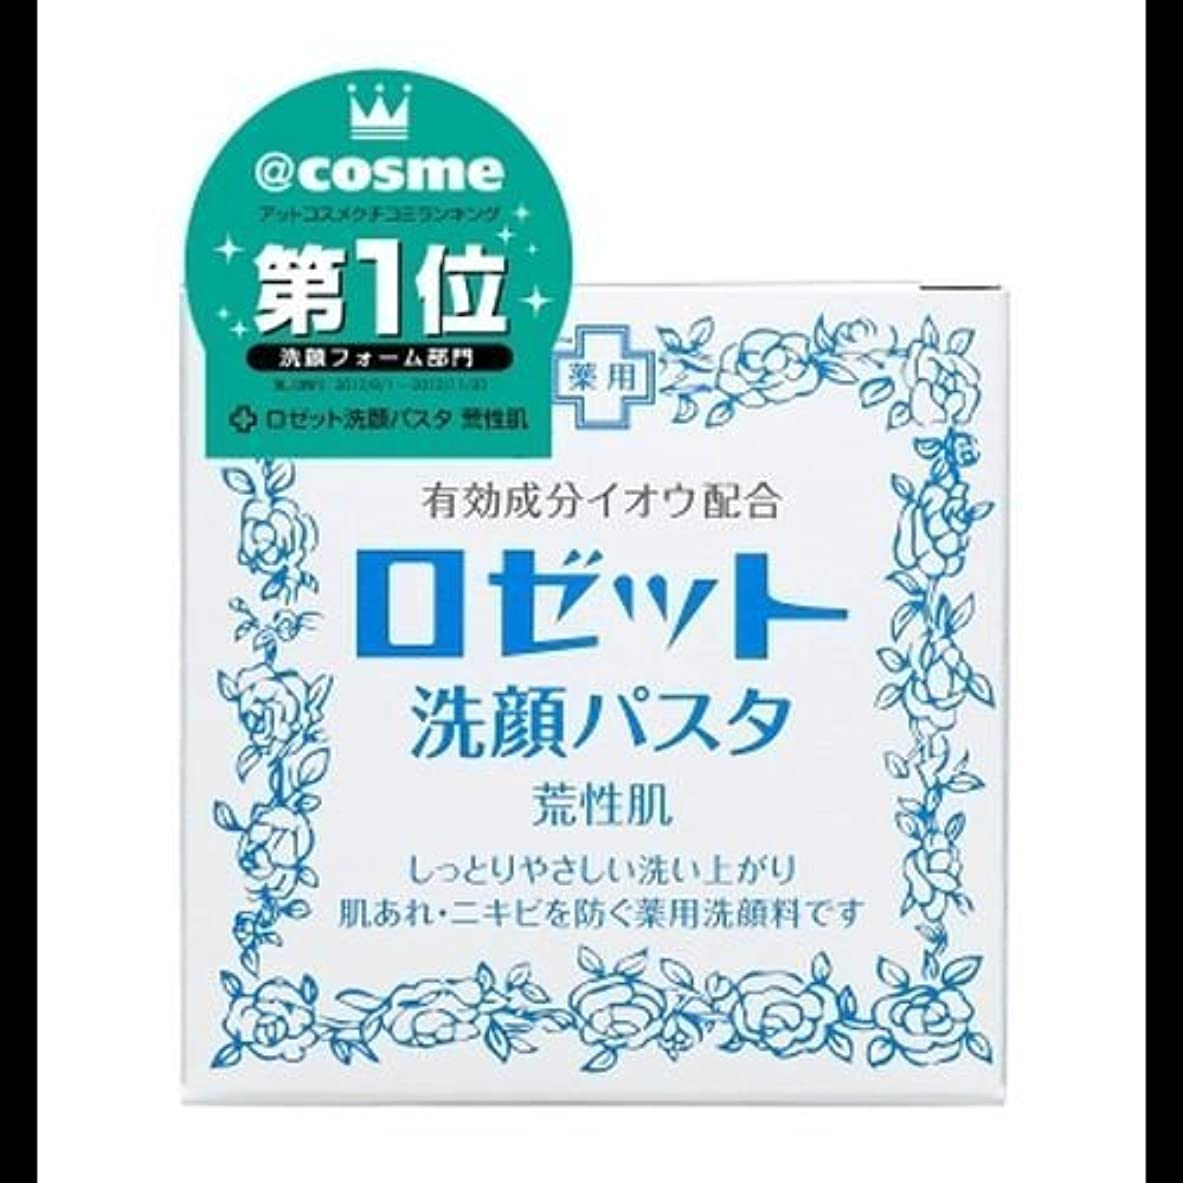 純粋にショップフェザー【まとめ買い】ロゼット 洗顔パスタ 荒性90g ×2セット